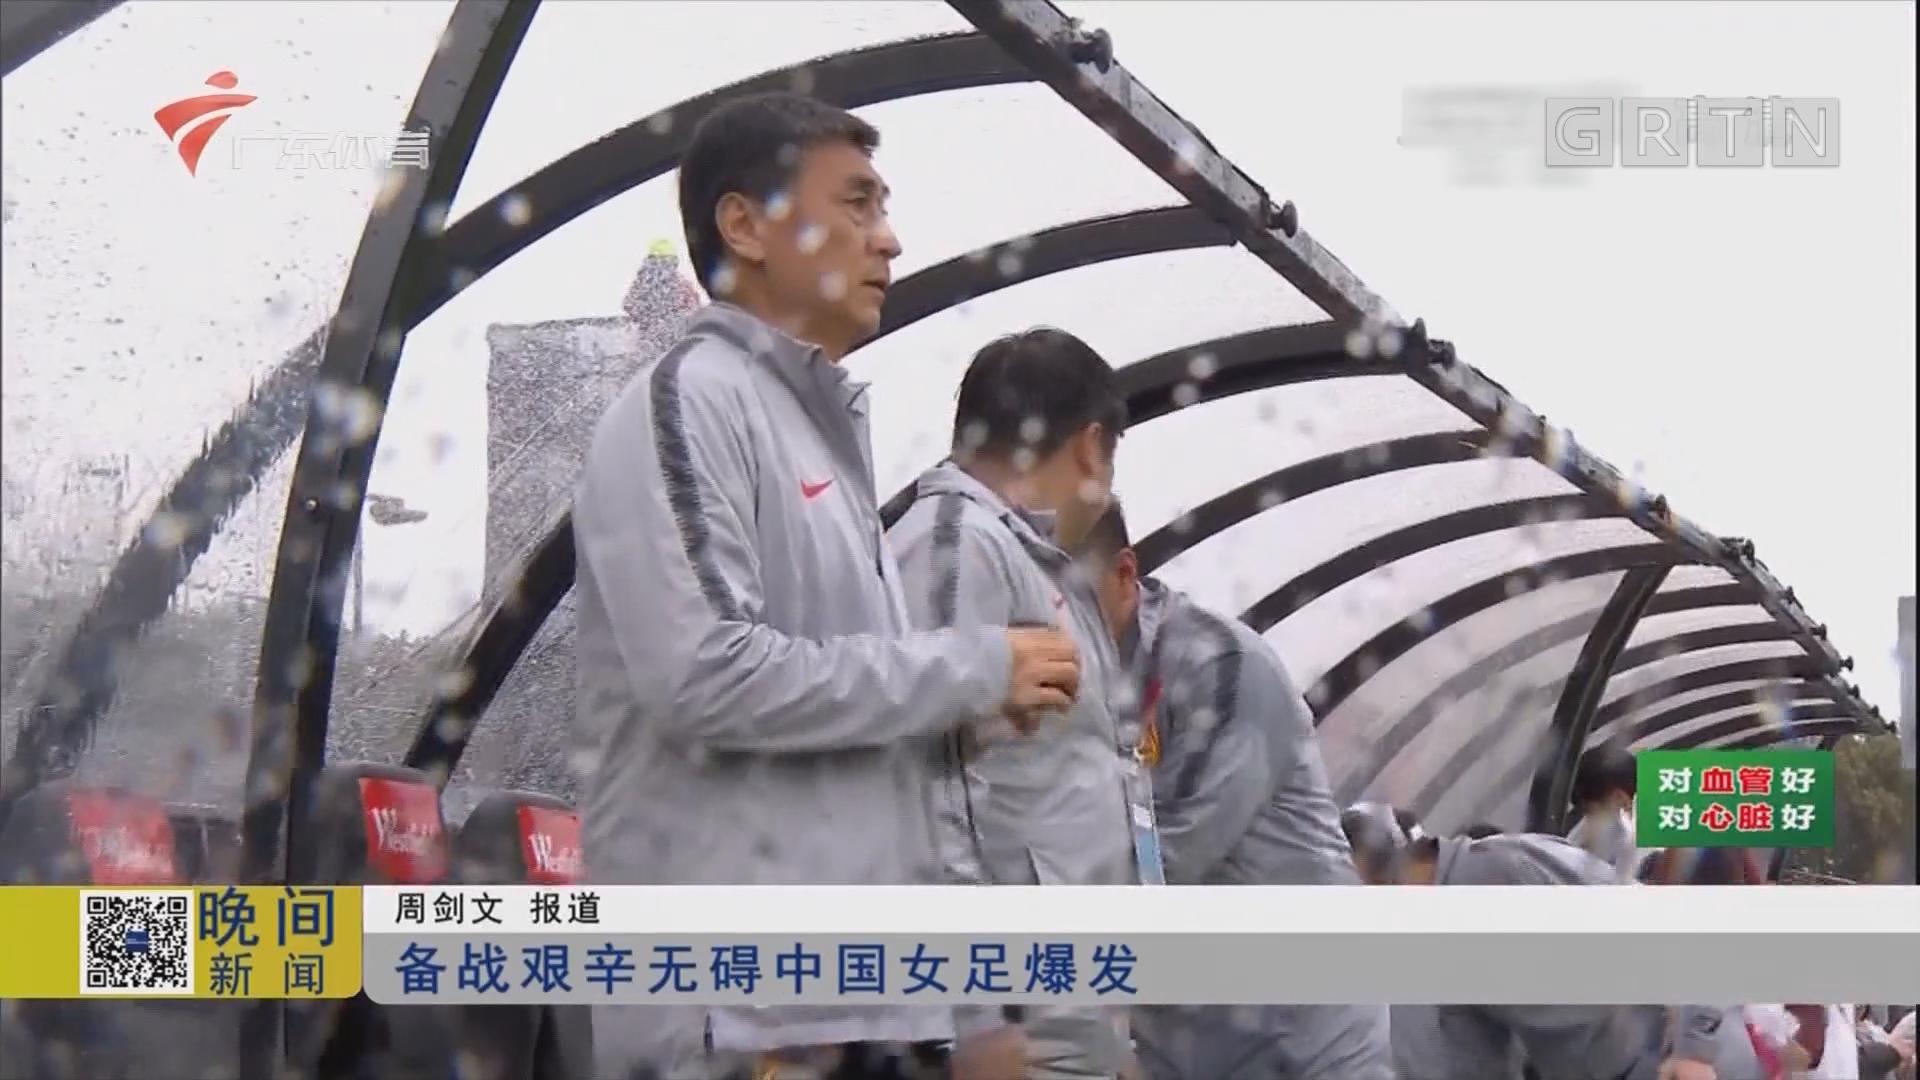 备战艰辛无碍中国女足爆发